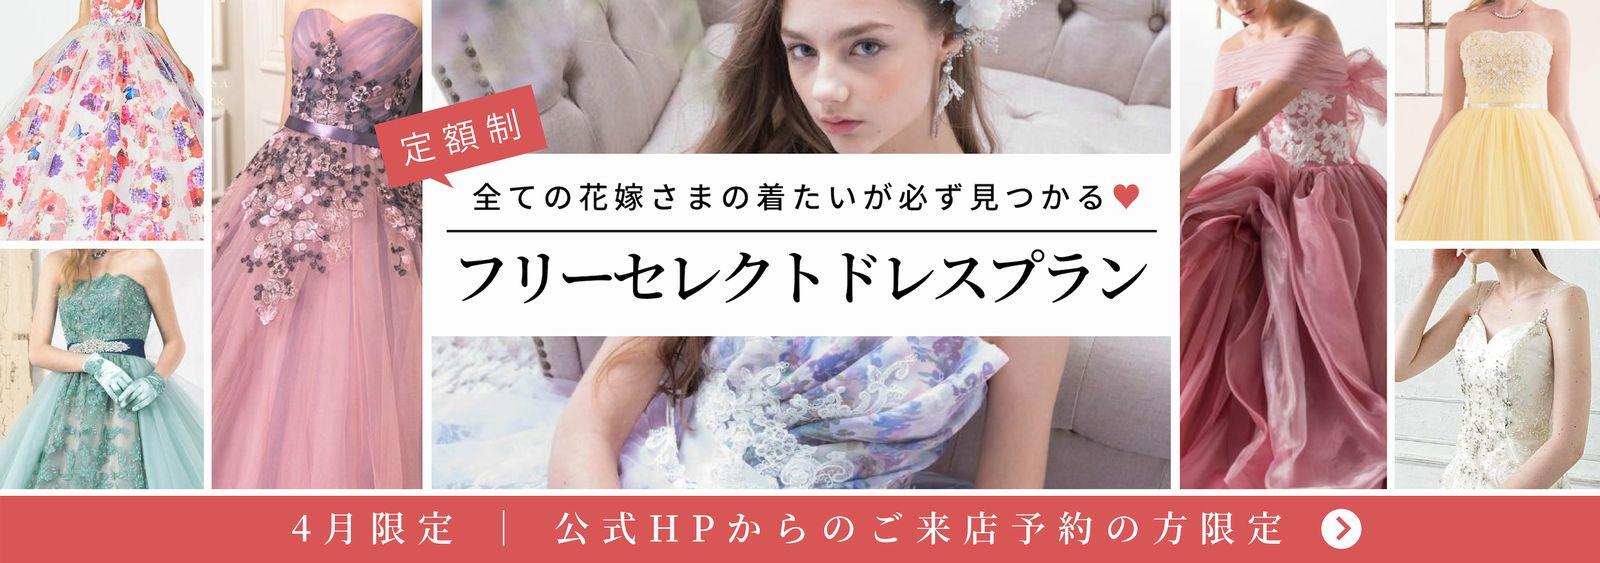 香川県高松市の結婚式場のシェルエメール&アイスタイルのドレスの特典